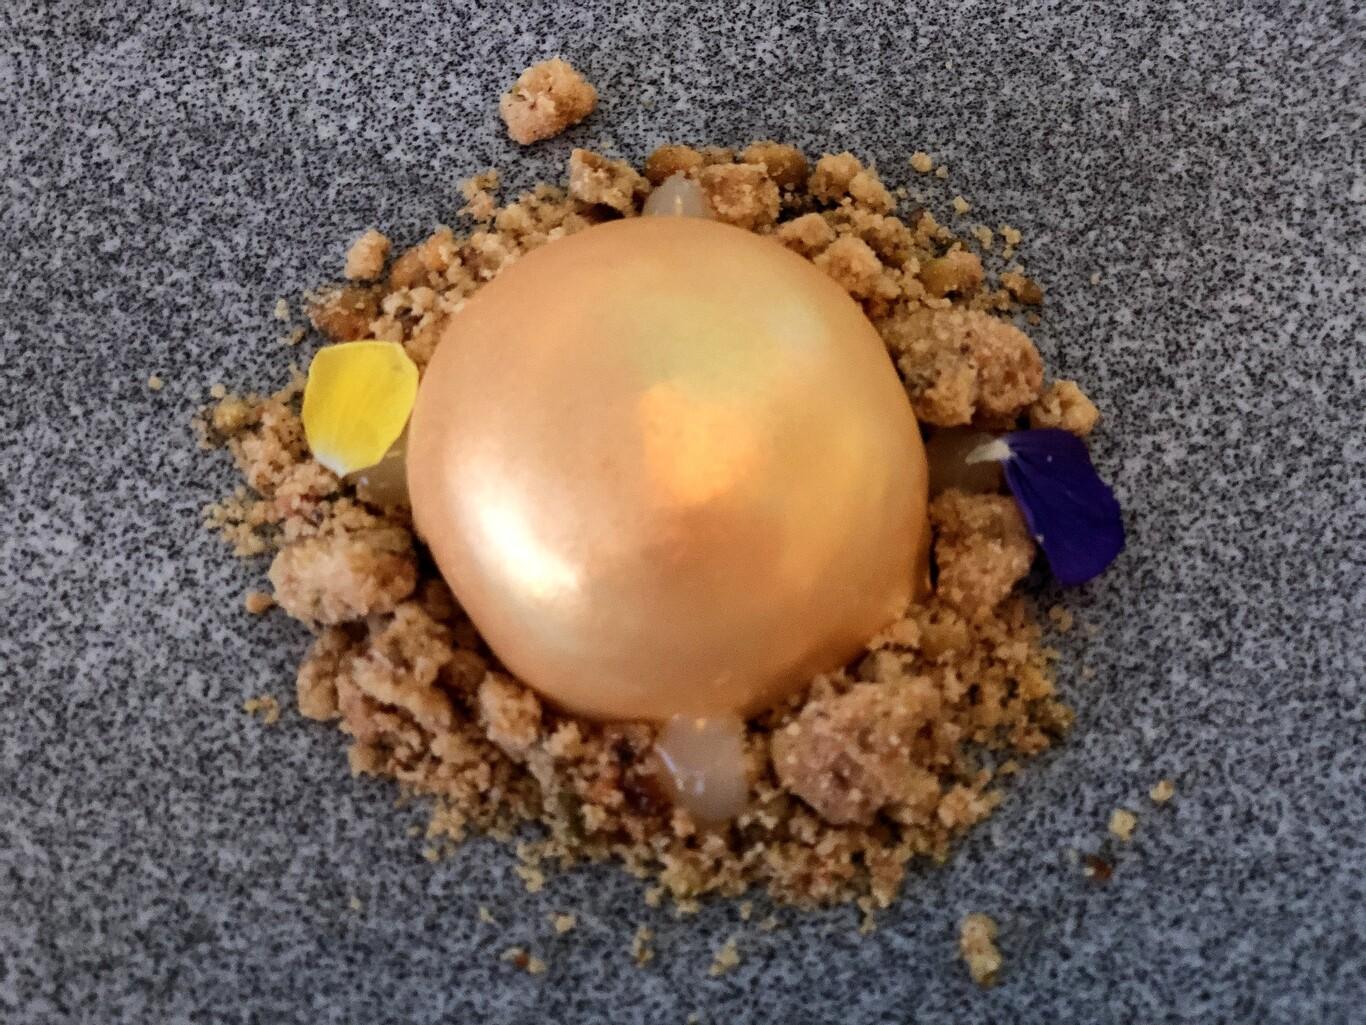 Piña caramelizada a la crujiente galleta con toques de coco / Fotos: Julio Fernandez Quintero de Abetal